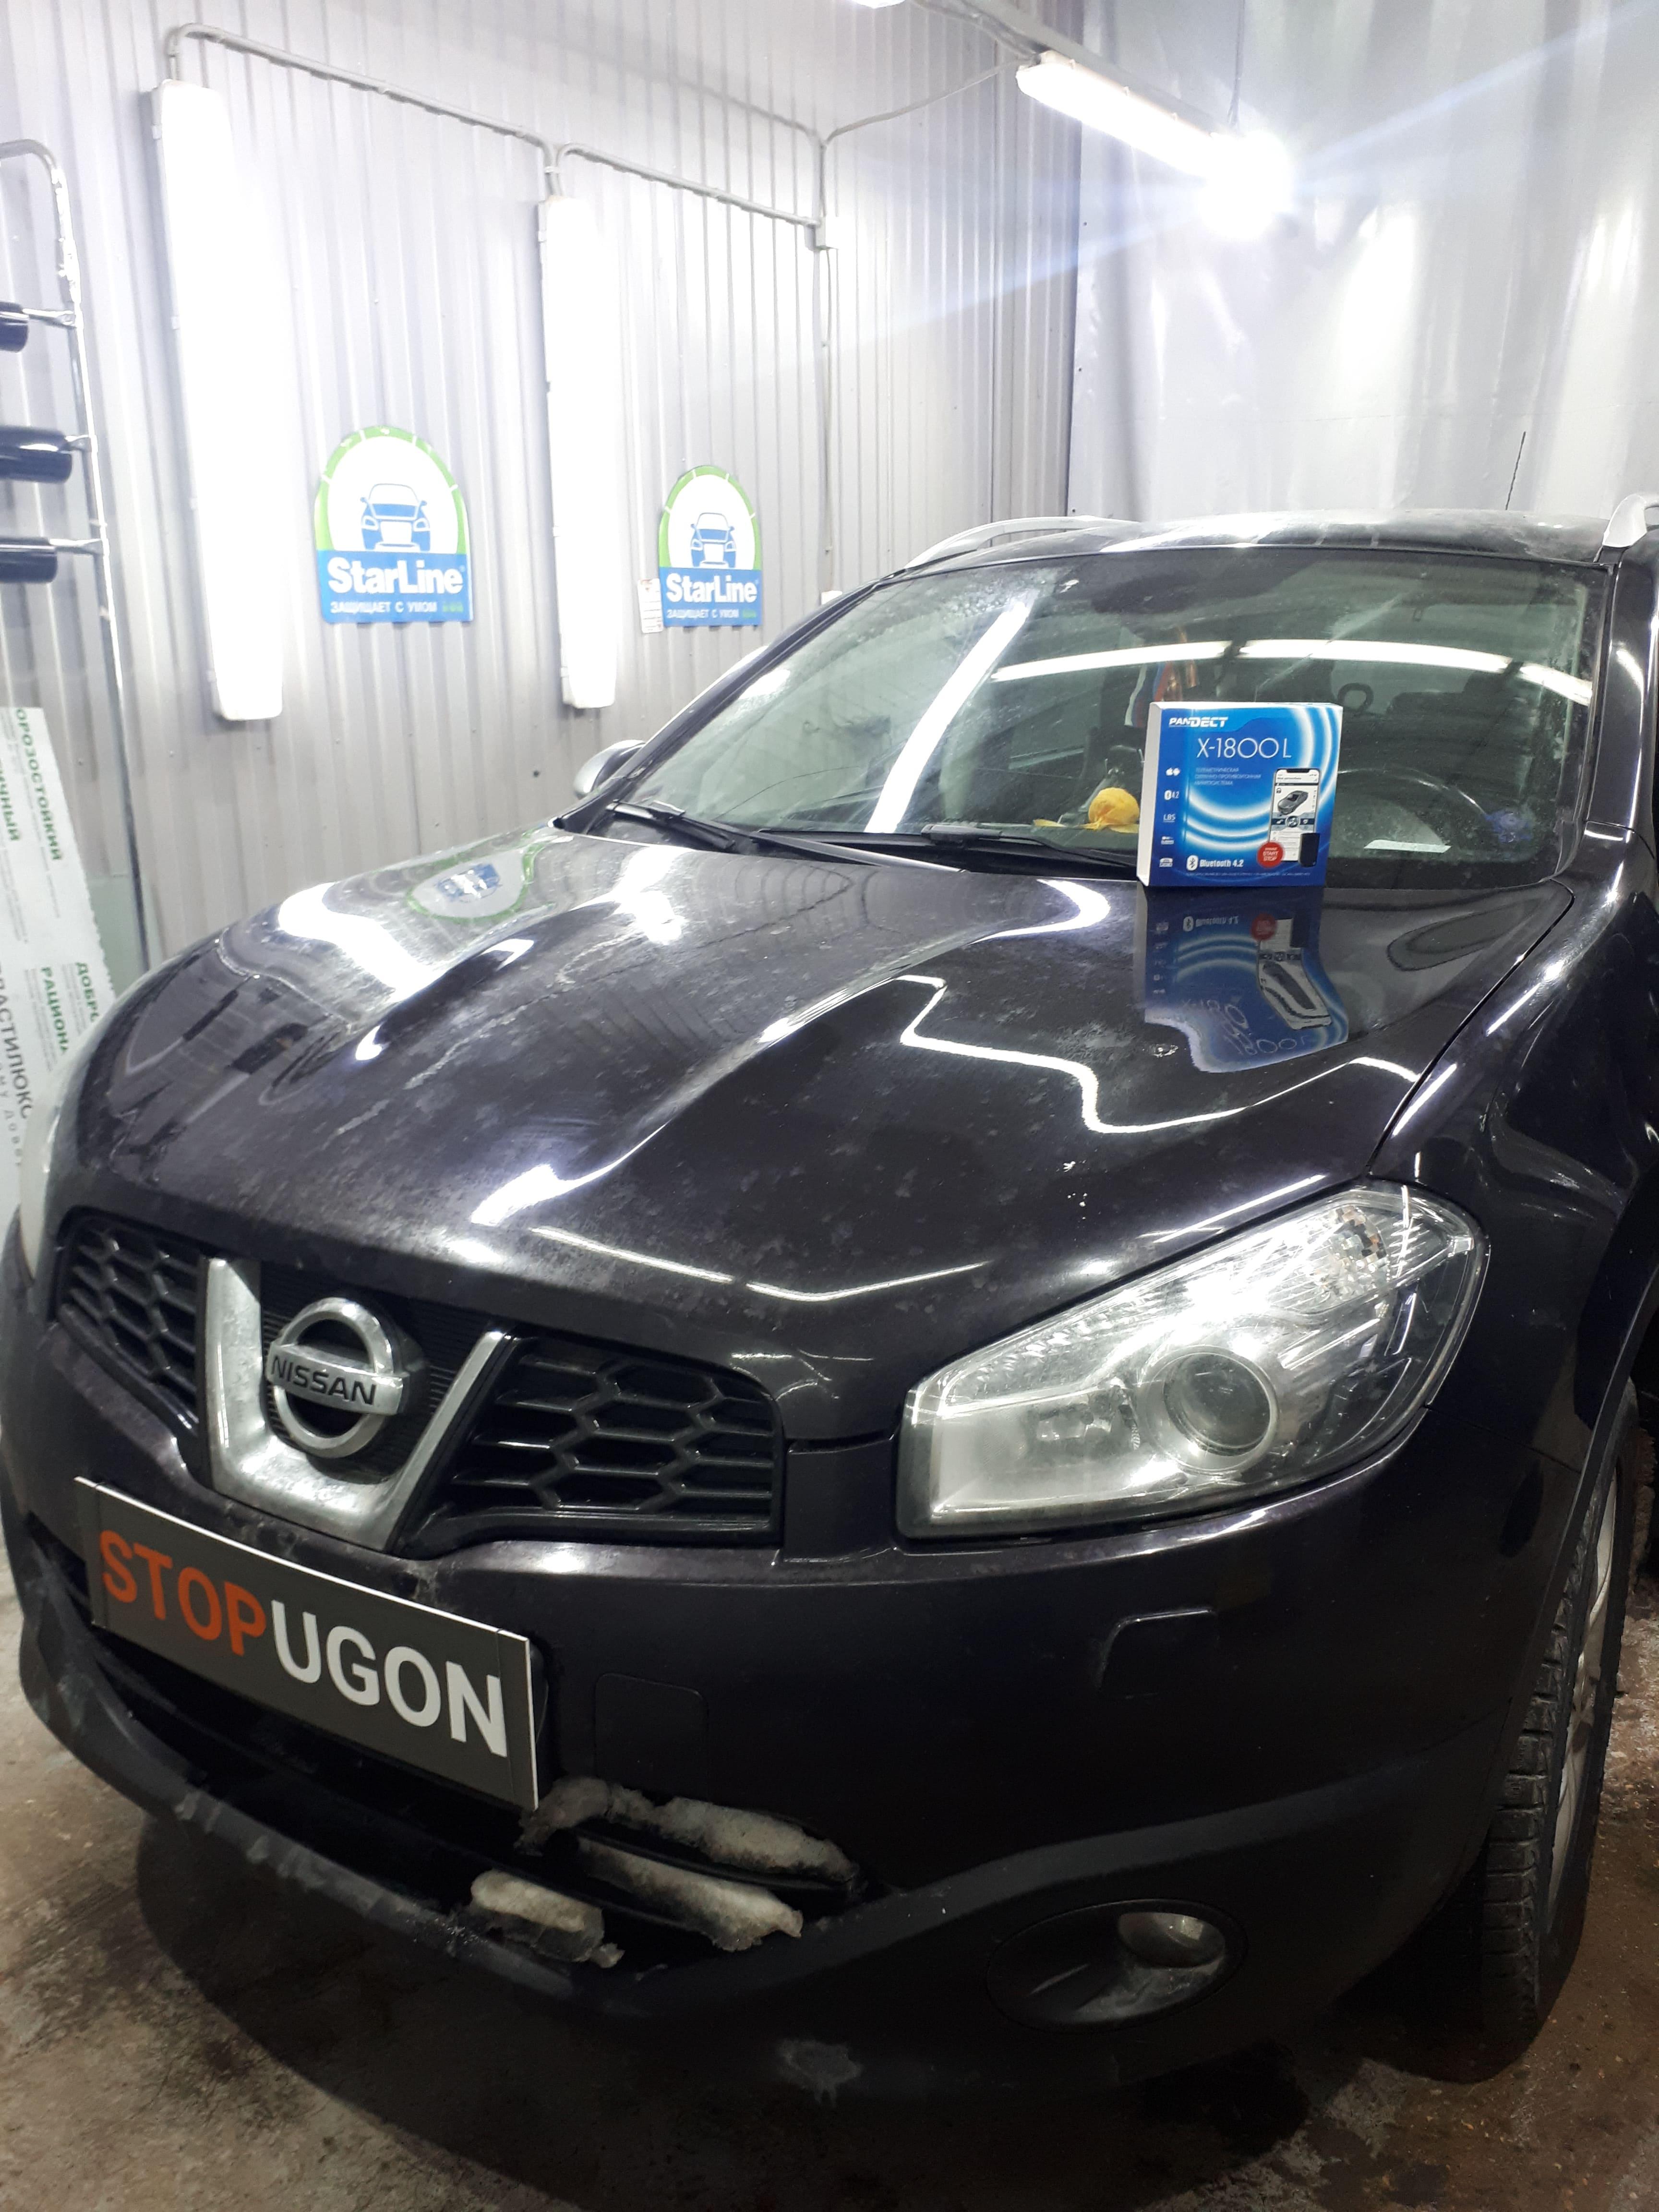 Установка автосигнализации Pandect X-1800 L на Nissan Qashqai+2